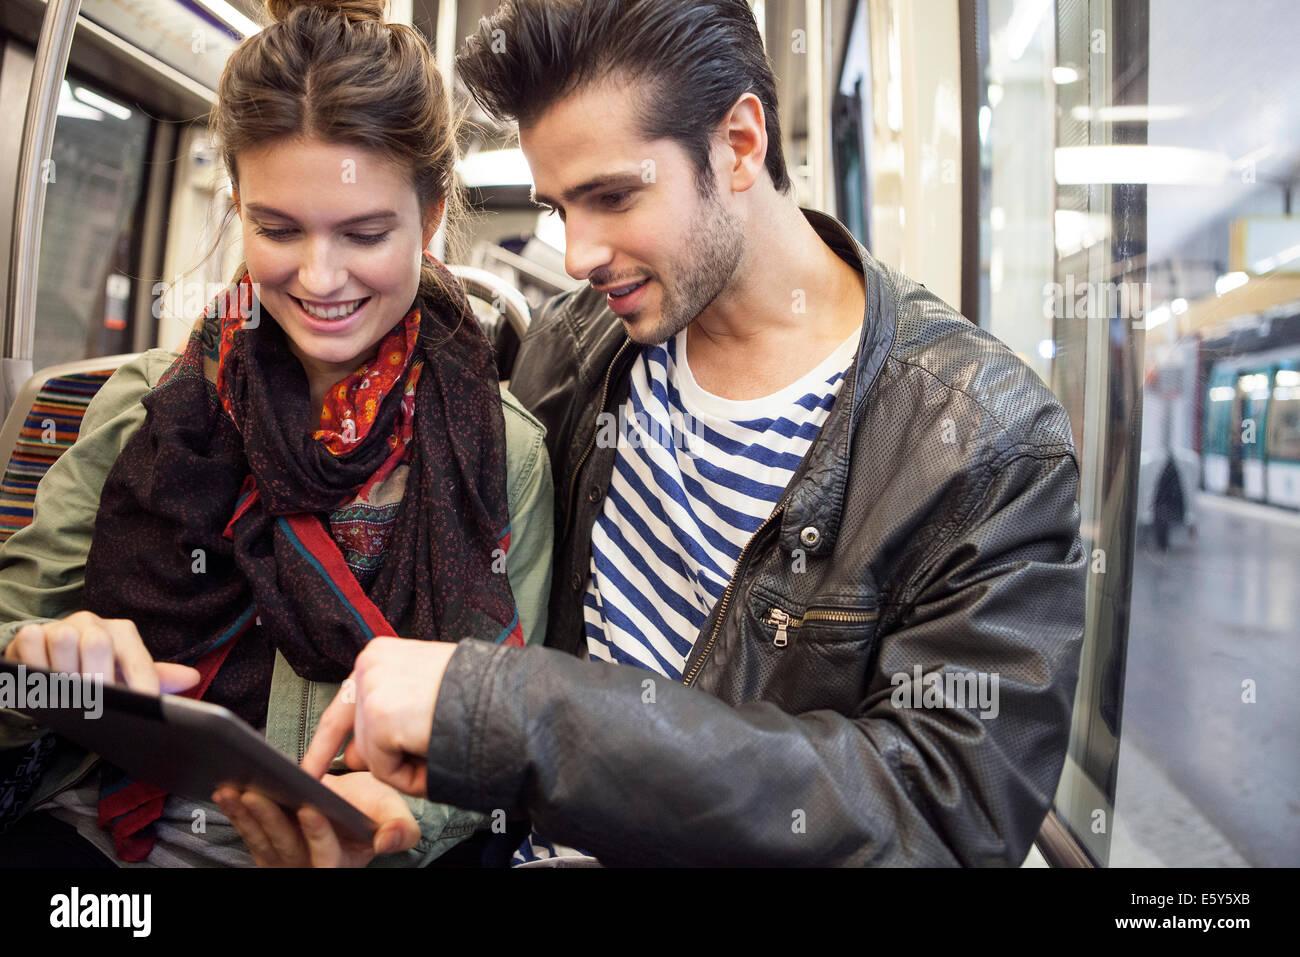 Coppia giovane in sella alla metropolitana guardando a tavoletta digitale insieme Immagini Stock